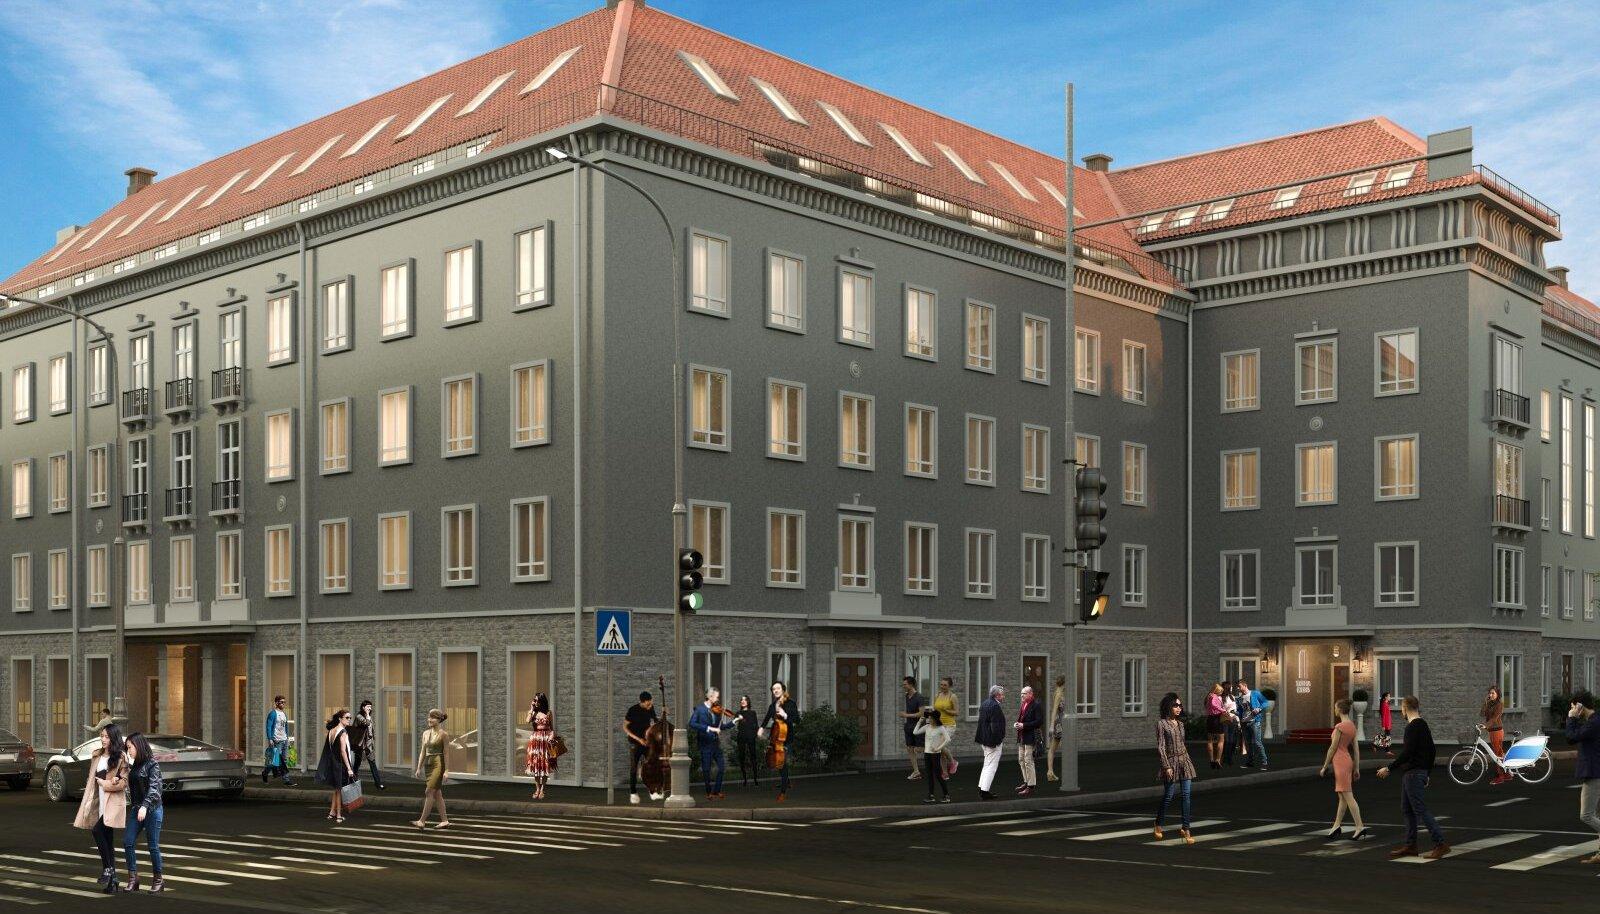 Здание, спроектированное в 1947 году немецким архитектором Х. Арманом, возрождено и осовременено архитектурным бюро Alver Arhitektid.